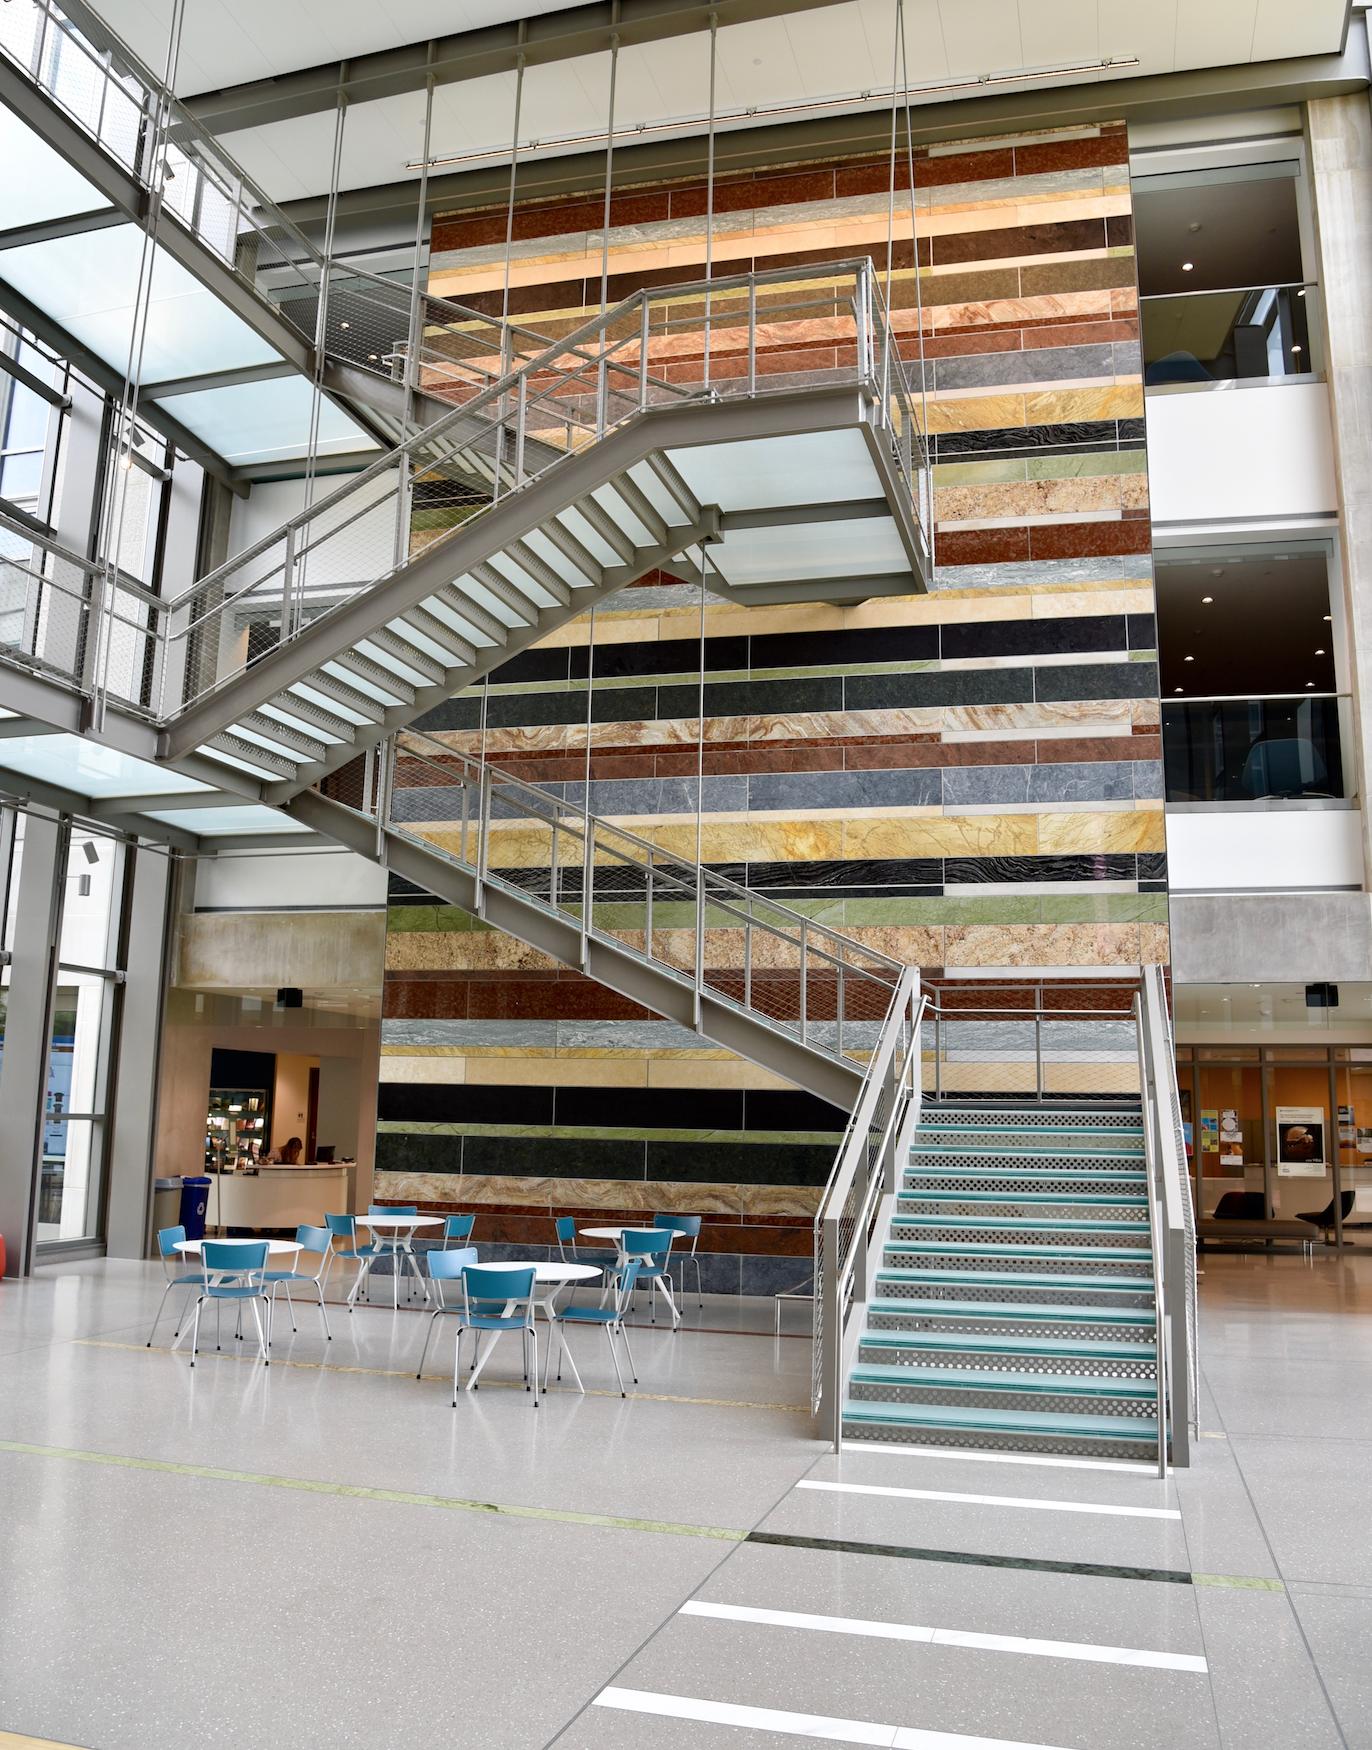 IU's Global & International Studies Building